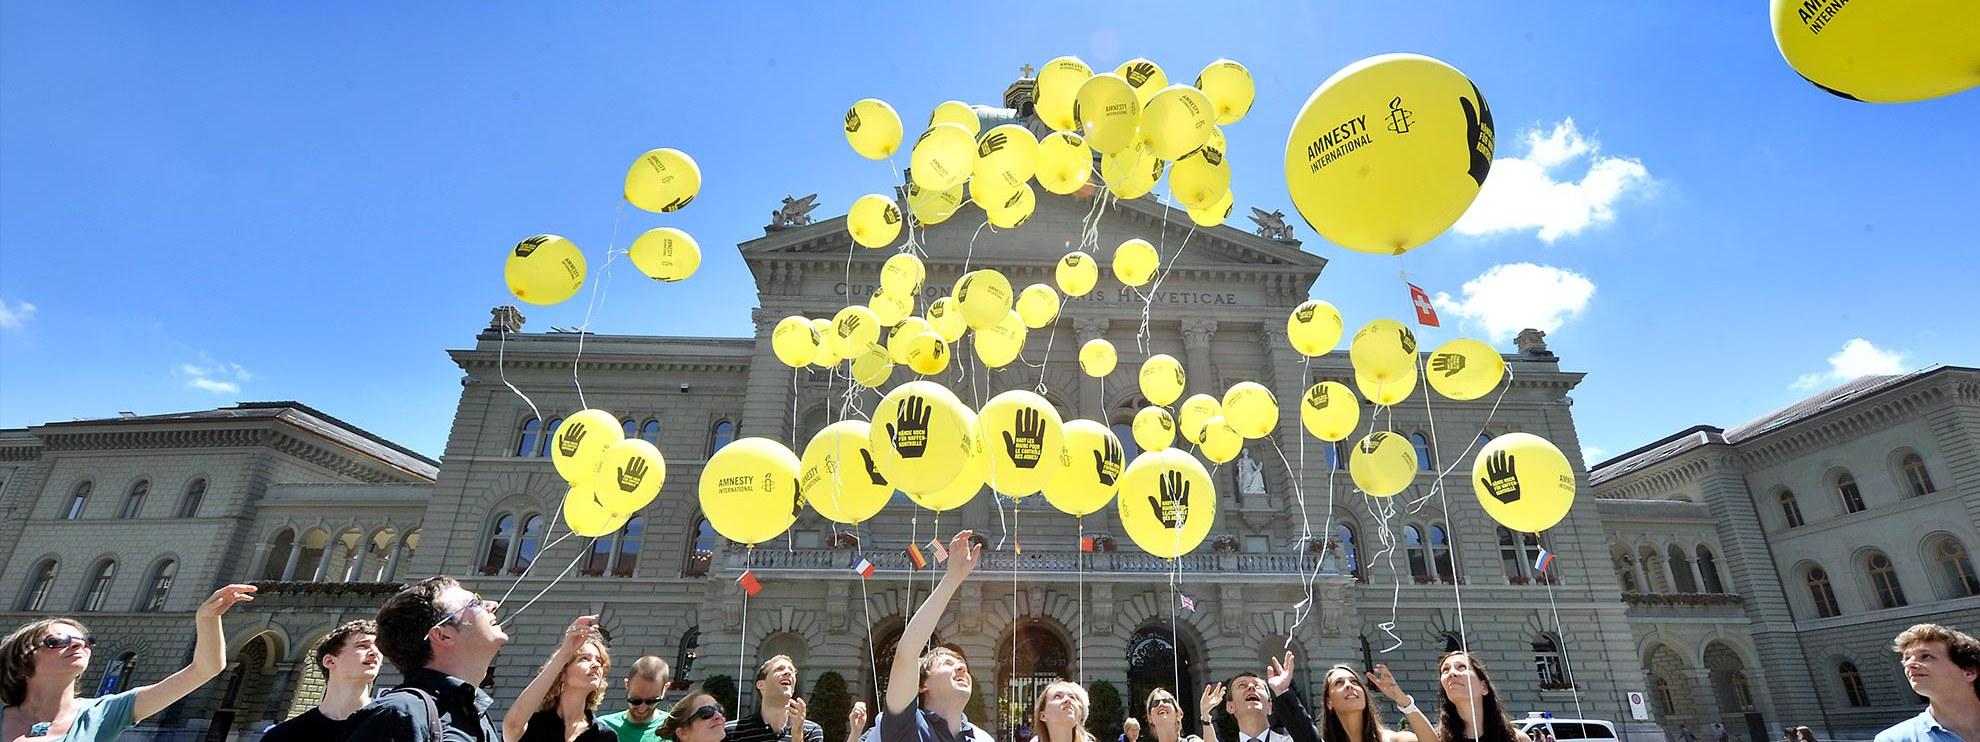 AI-Kampagne gegen Waffenhandel in der Schweiz 2012 © Valérie Chételat